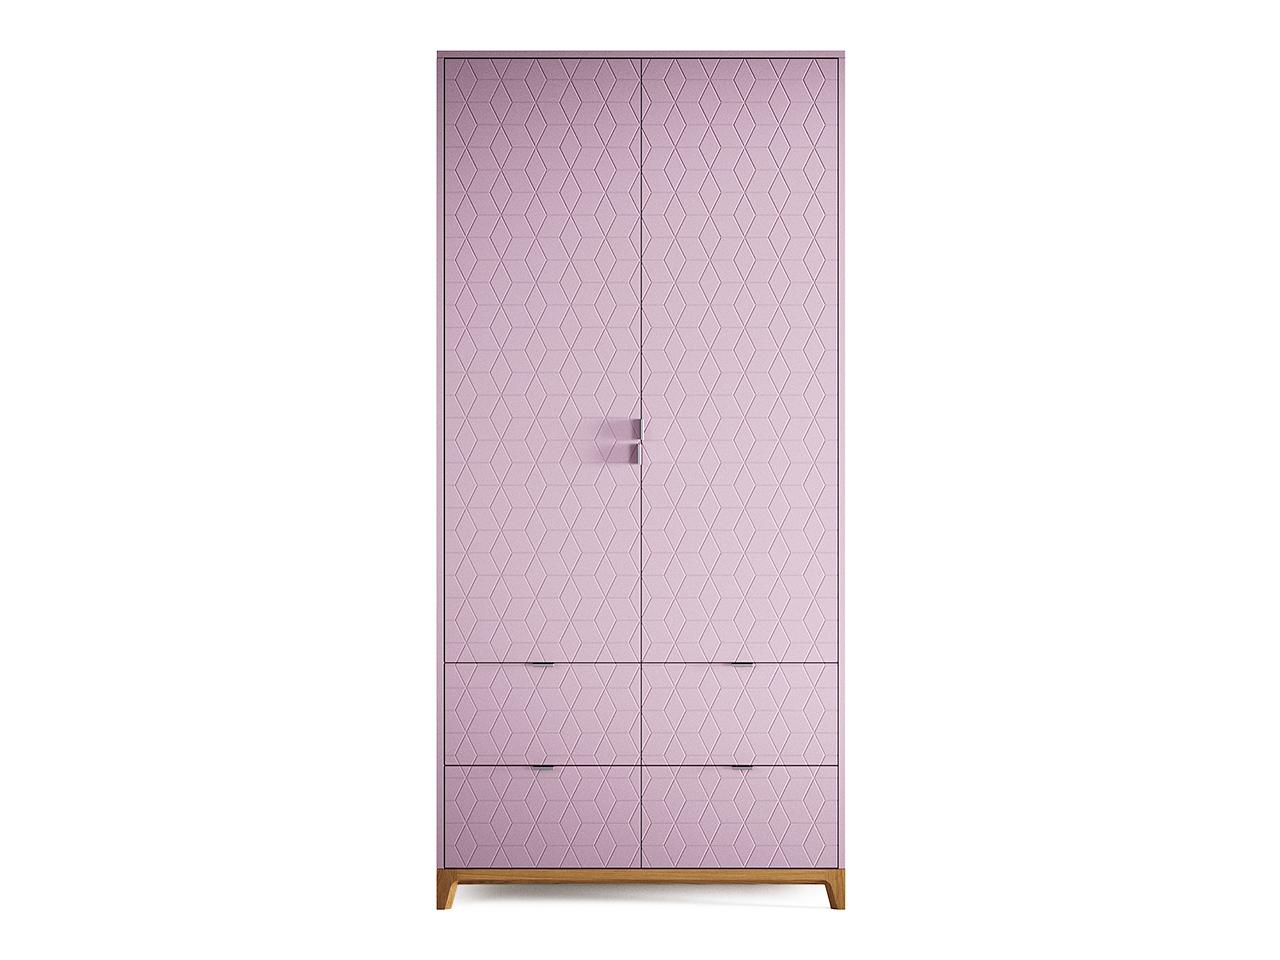 Шкаф Case №4Платяные шкафы<br>Компактный шкаф CASE №4 сочетает в себе продуманную структуру и современный дизайн впишется даже в самое небольшое уютное помещение.В новом варианте предлагаются ящики с внешними фасадами, а также обновленное наполнение шкафов. Внутри комфортно расположены полки и штанги для вешалок, сплошная перфорация позволяет устанавливать полки в удобном положении,Материал: Массив дуба, МДФ, ДСП, эмаль, лак<br><br>kit: None<br>gender: None